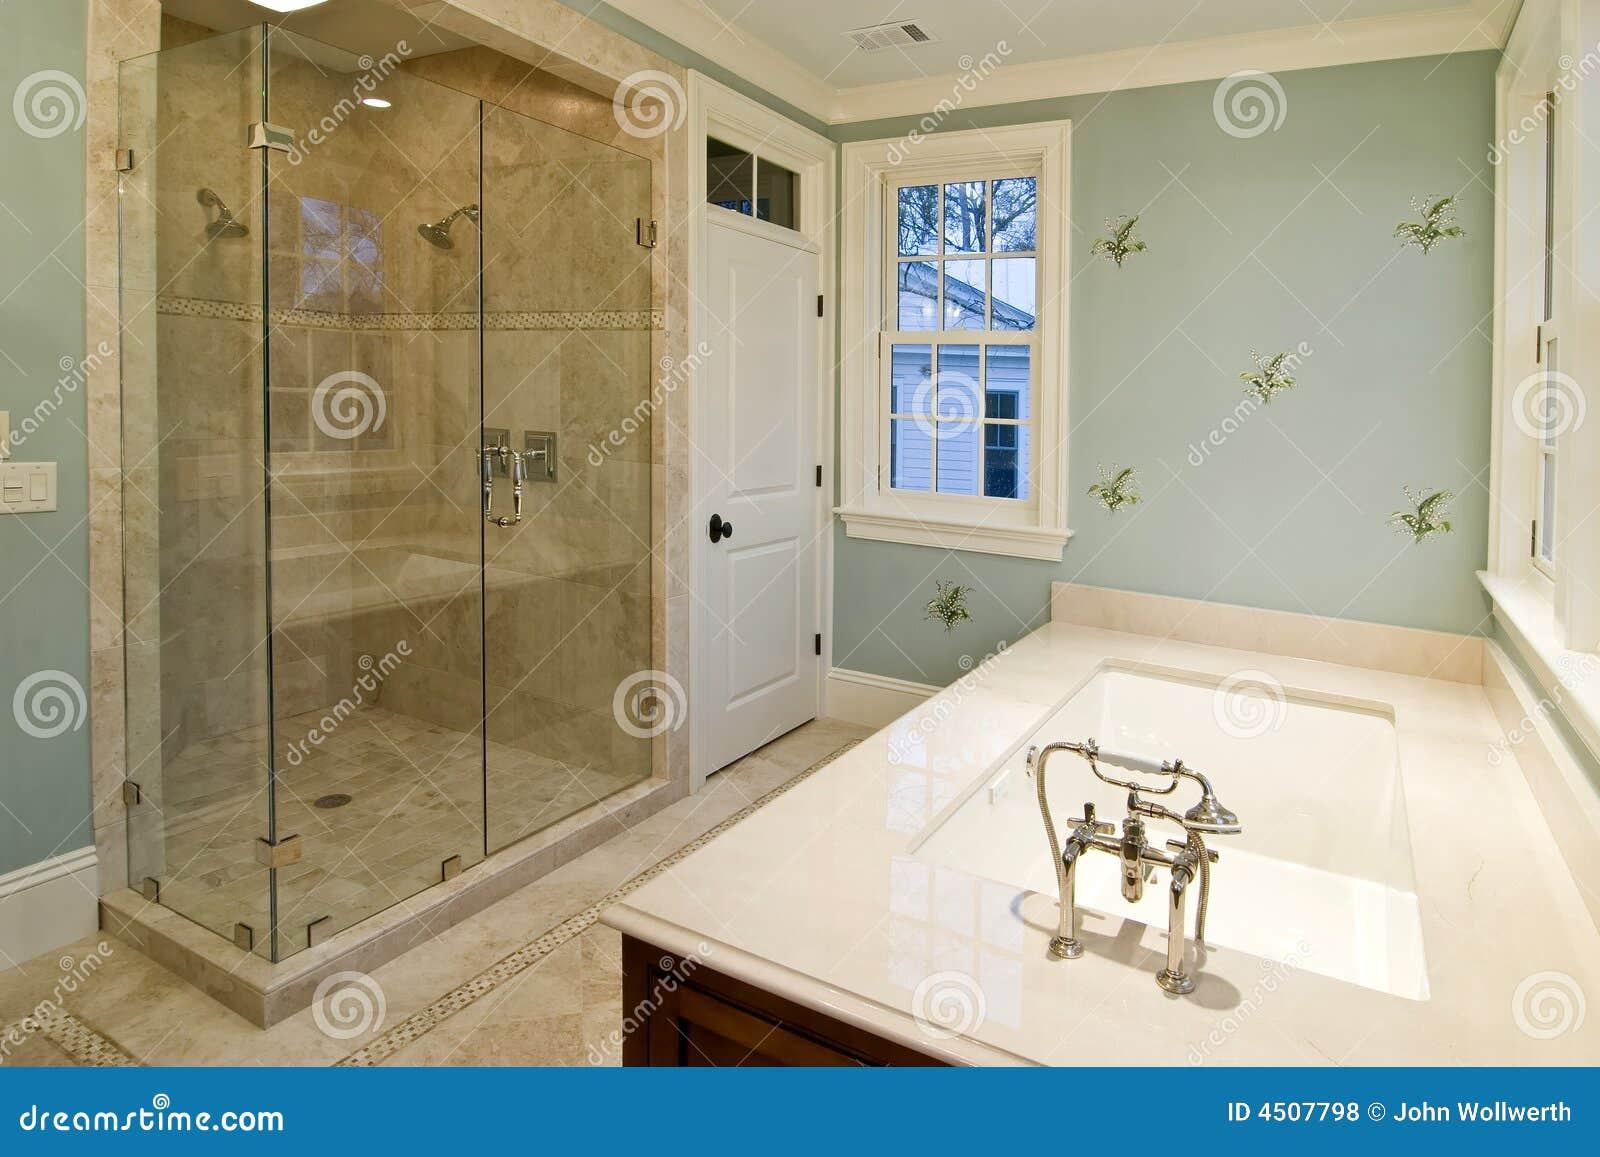 Salle de bains de luxe photos libres de droits image for Salle bain luxe